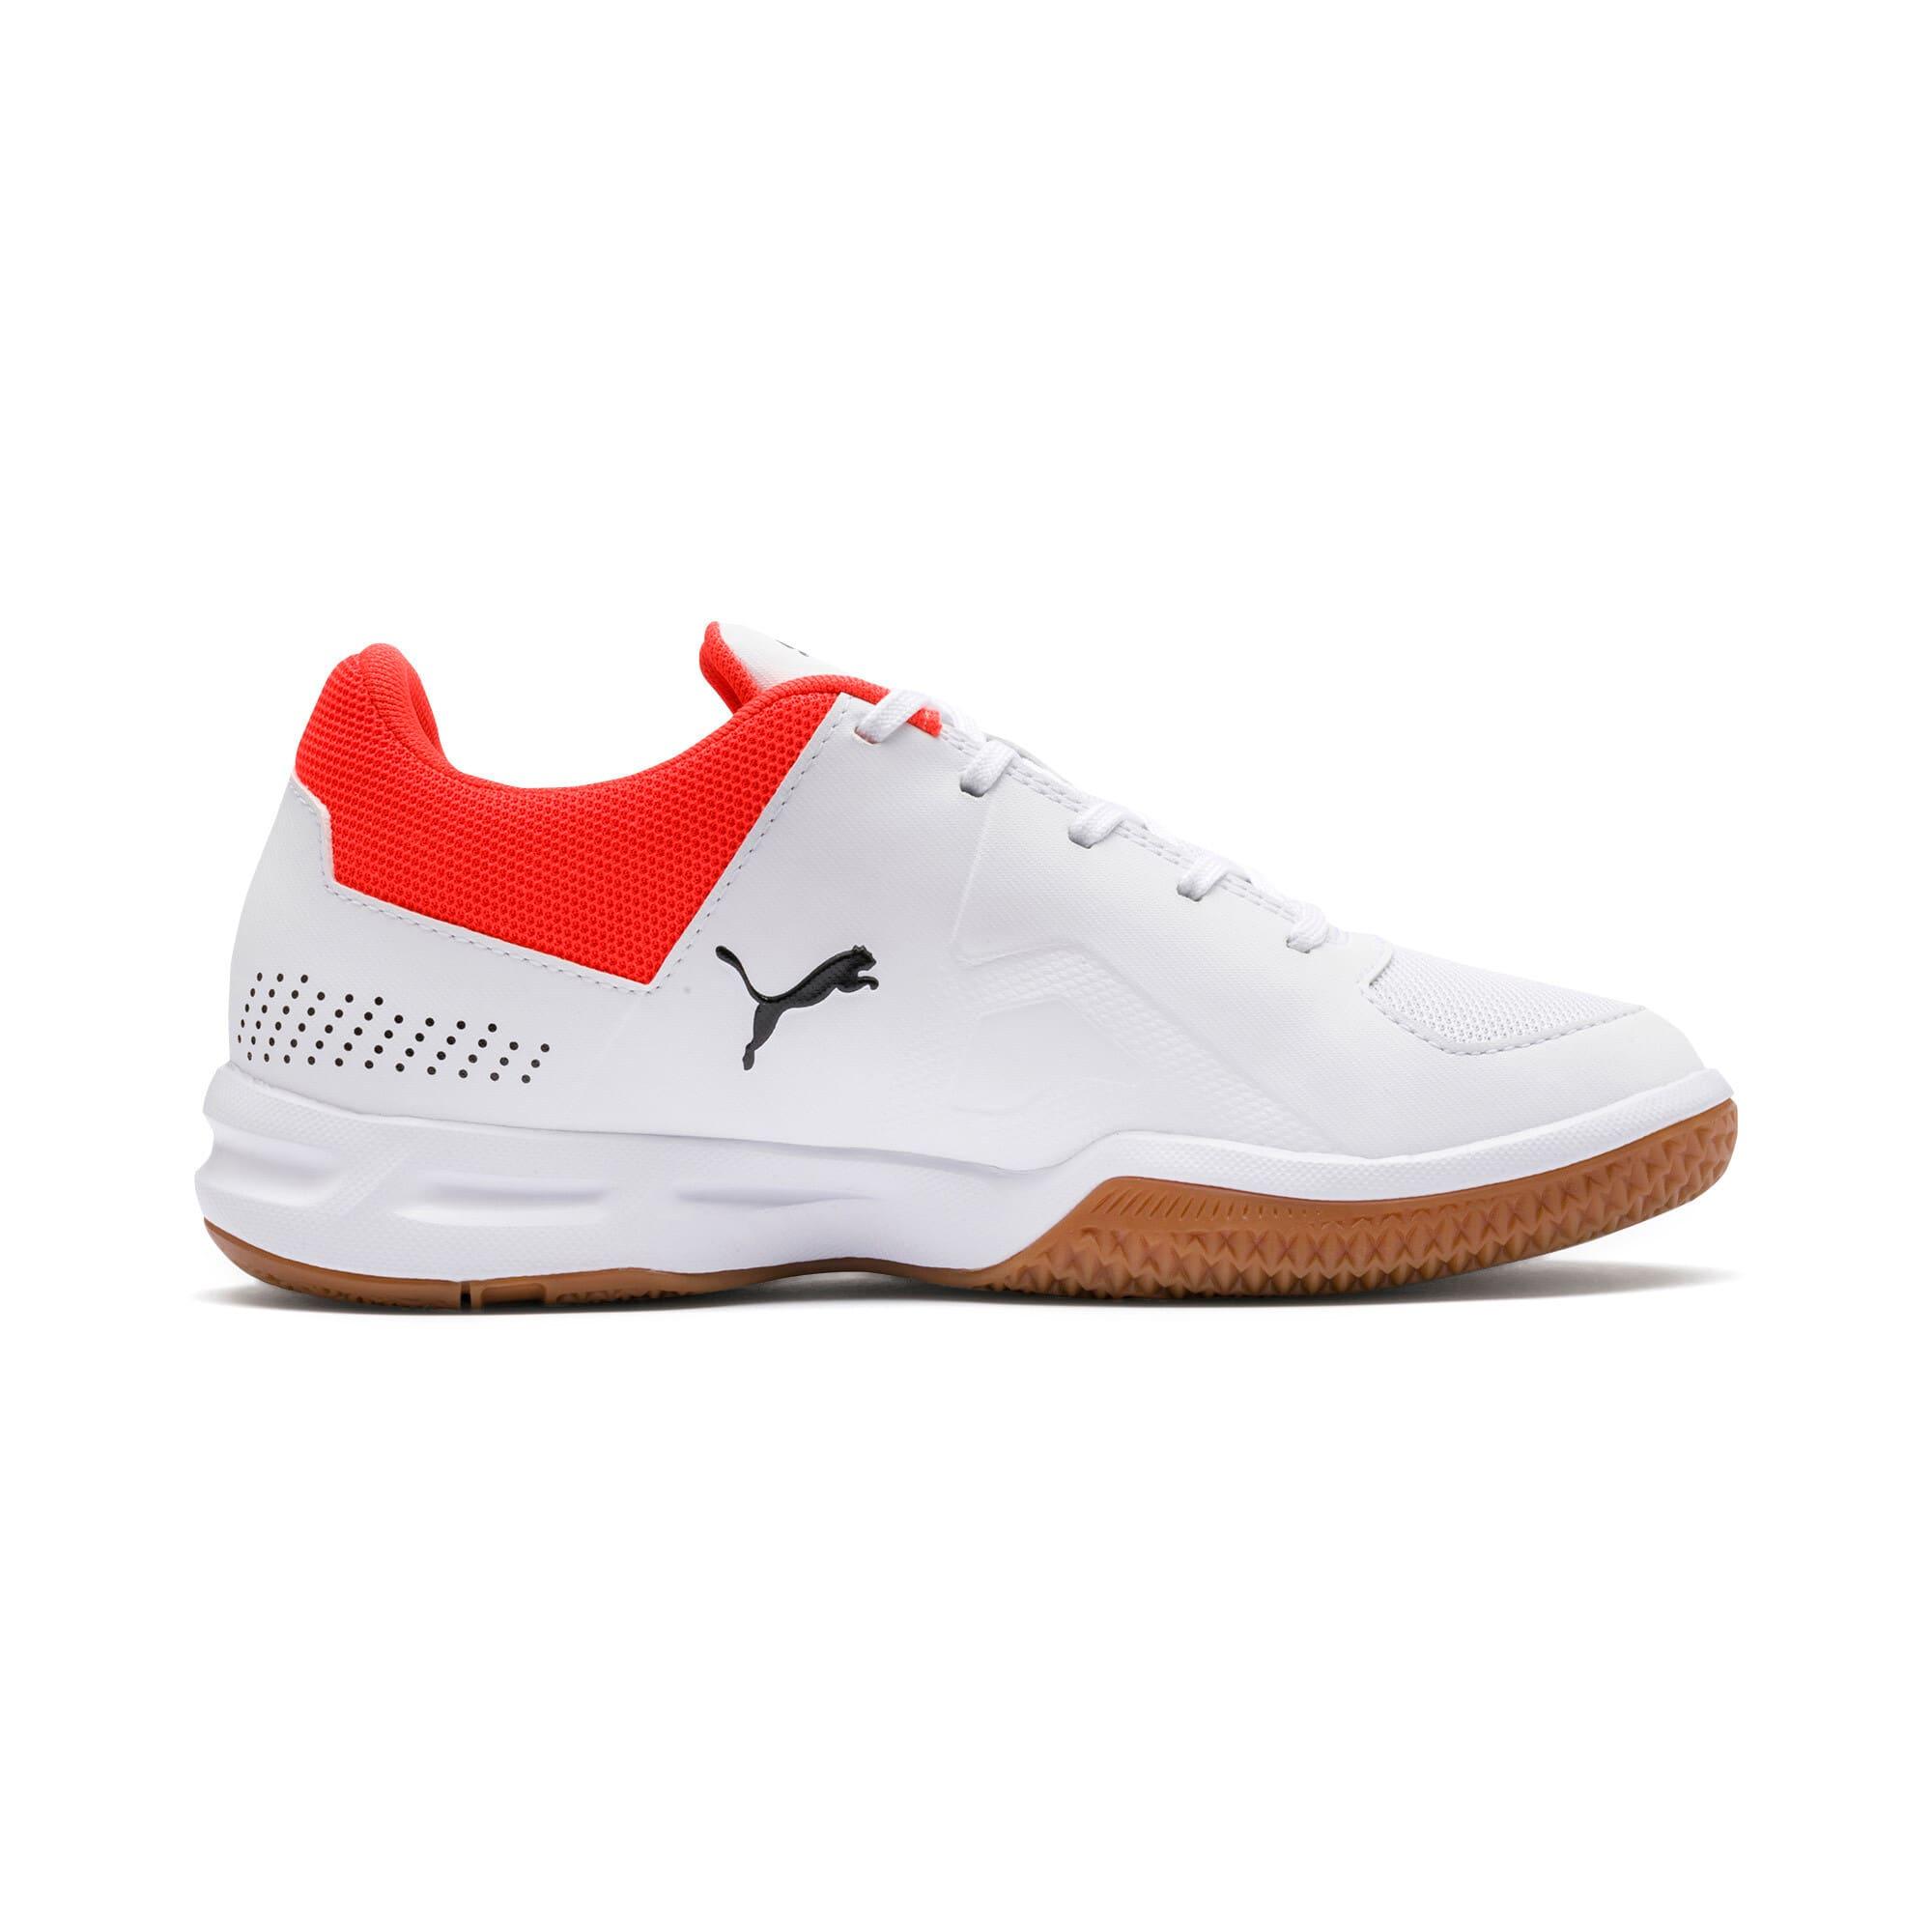 Thumbnail 5 of Auriz Youth Sneaker, White-Black-Nrgy Red-Gum, medium